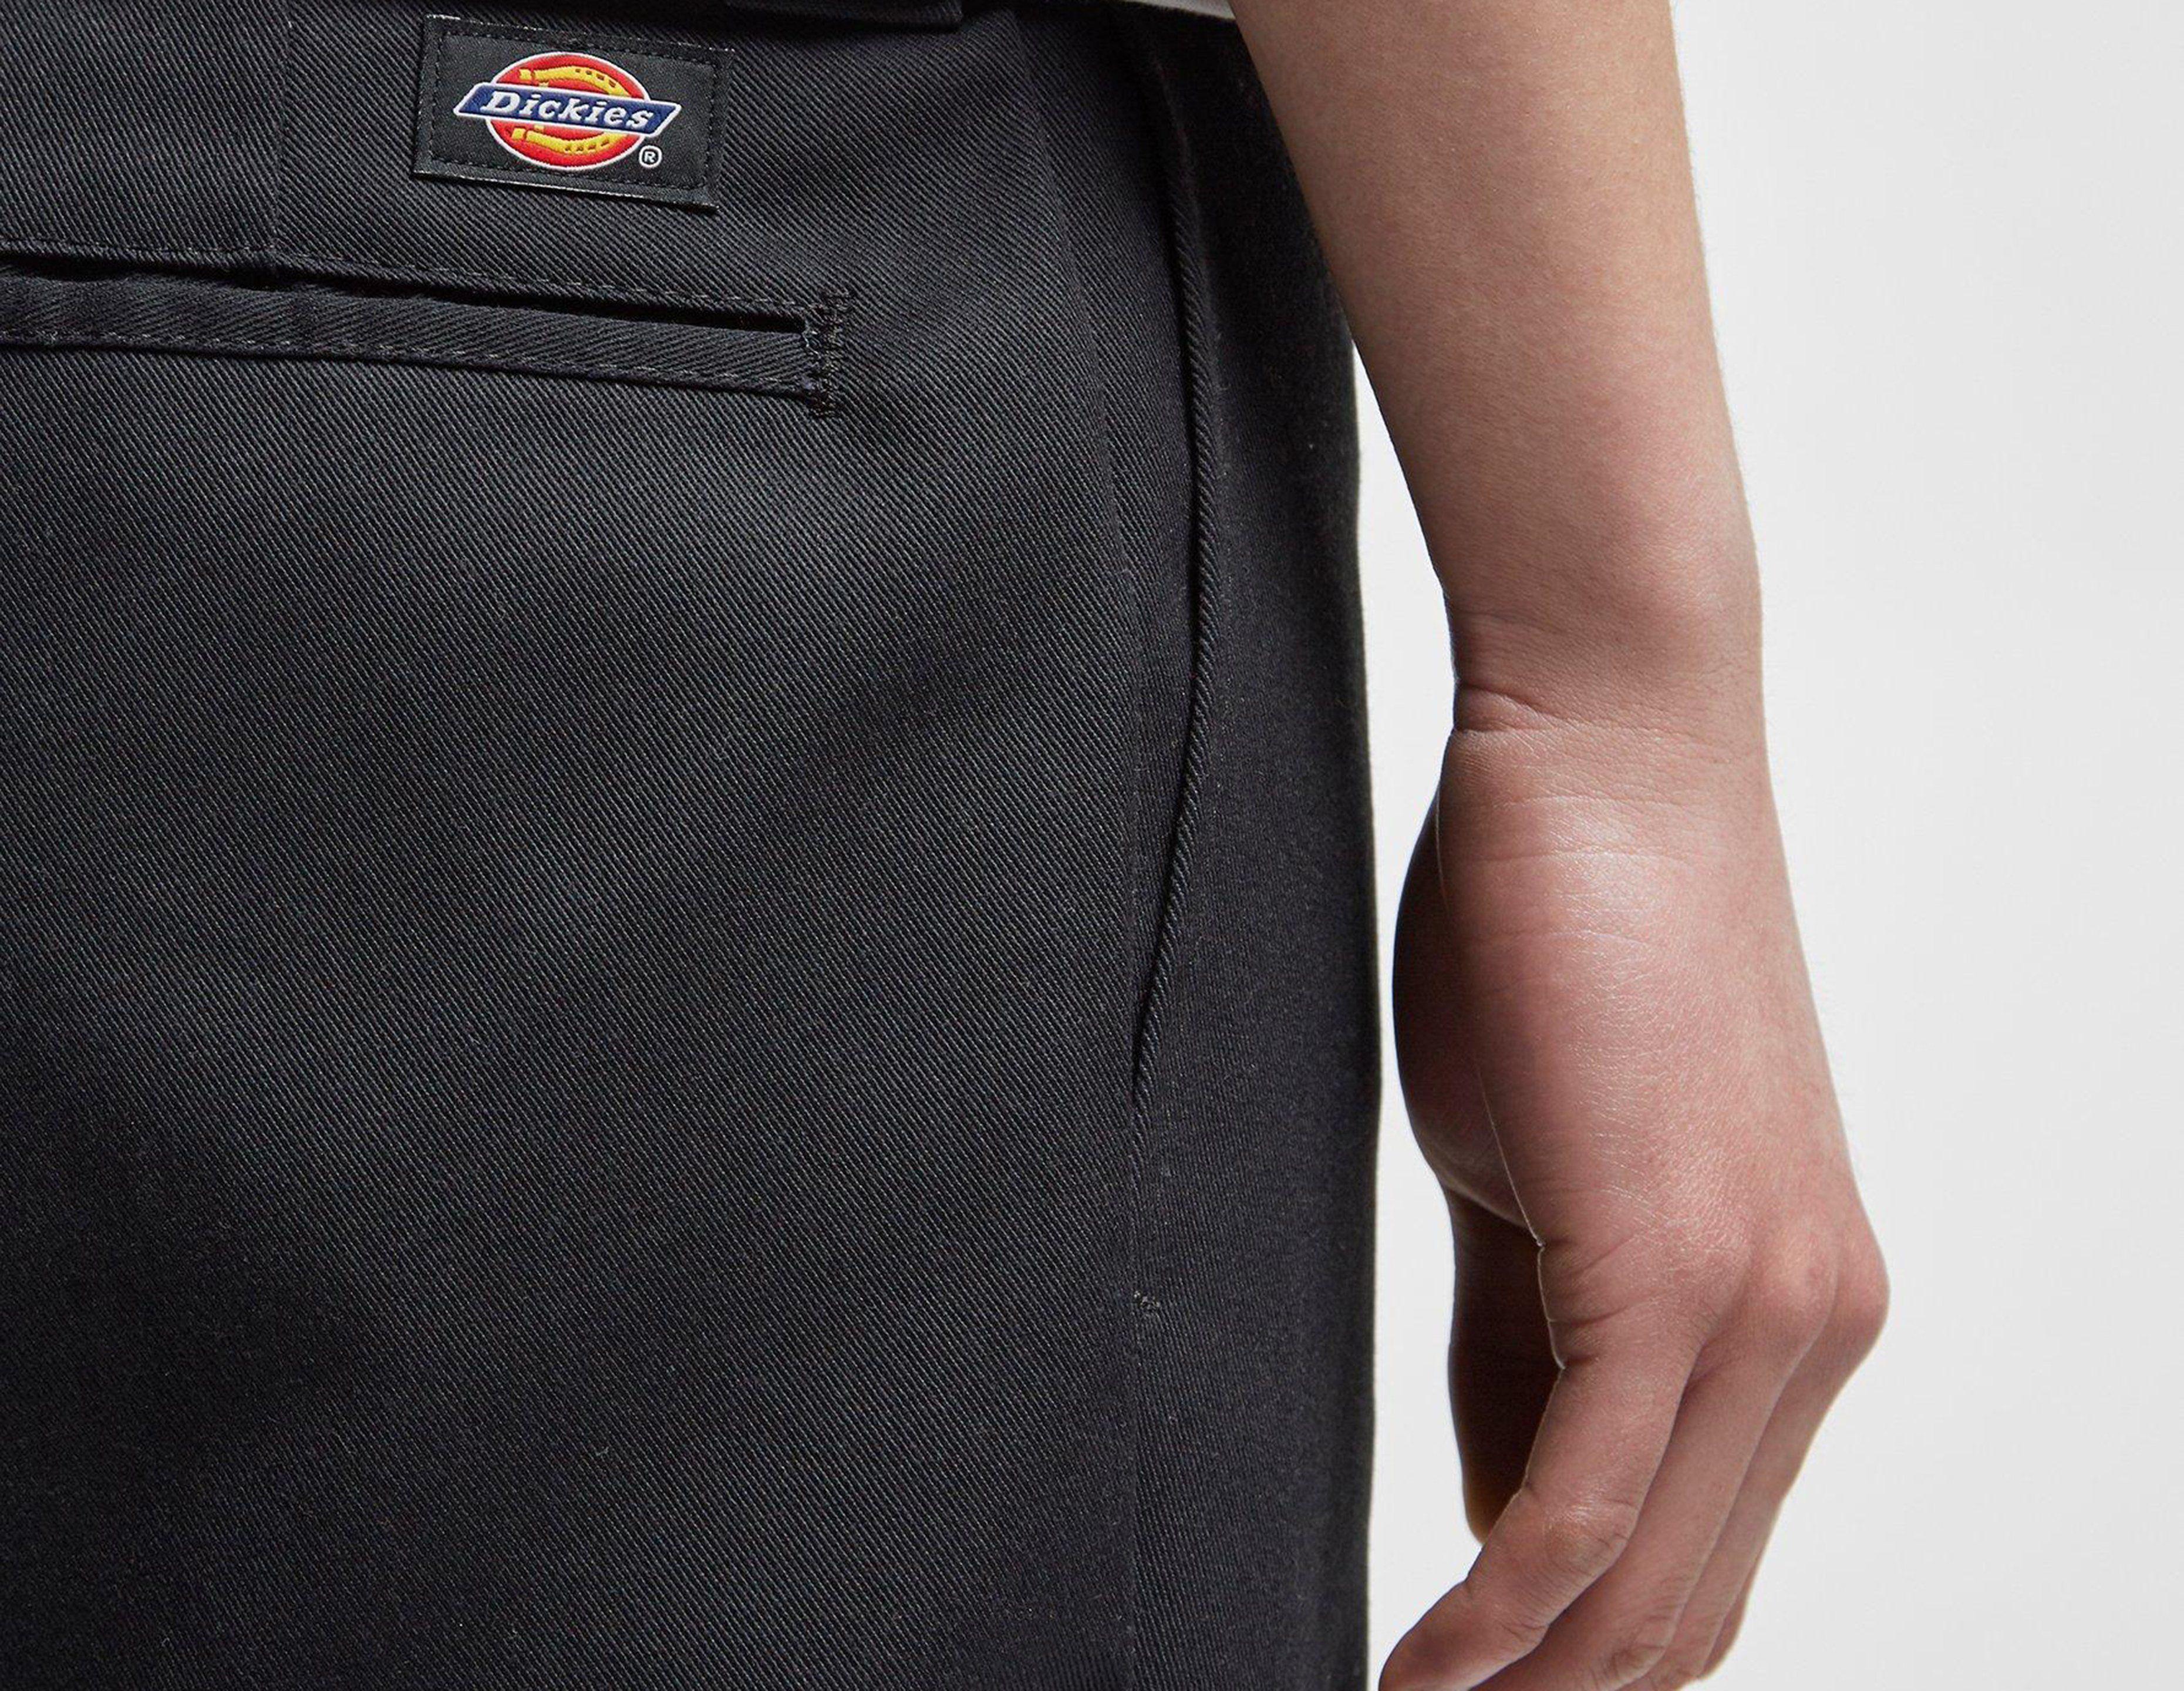 Dickies 873 Straight Work Pants